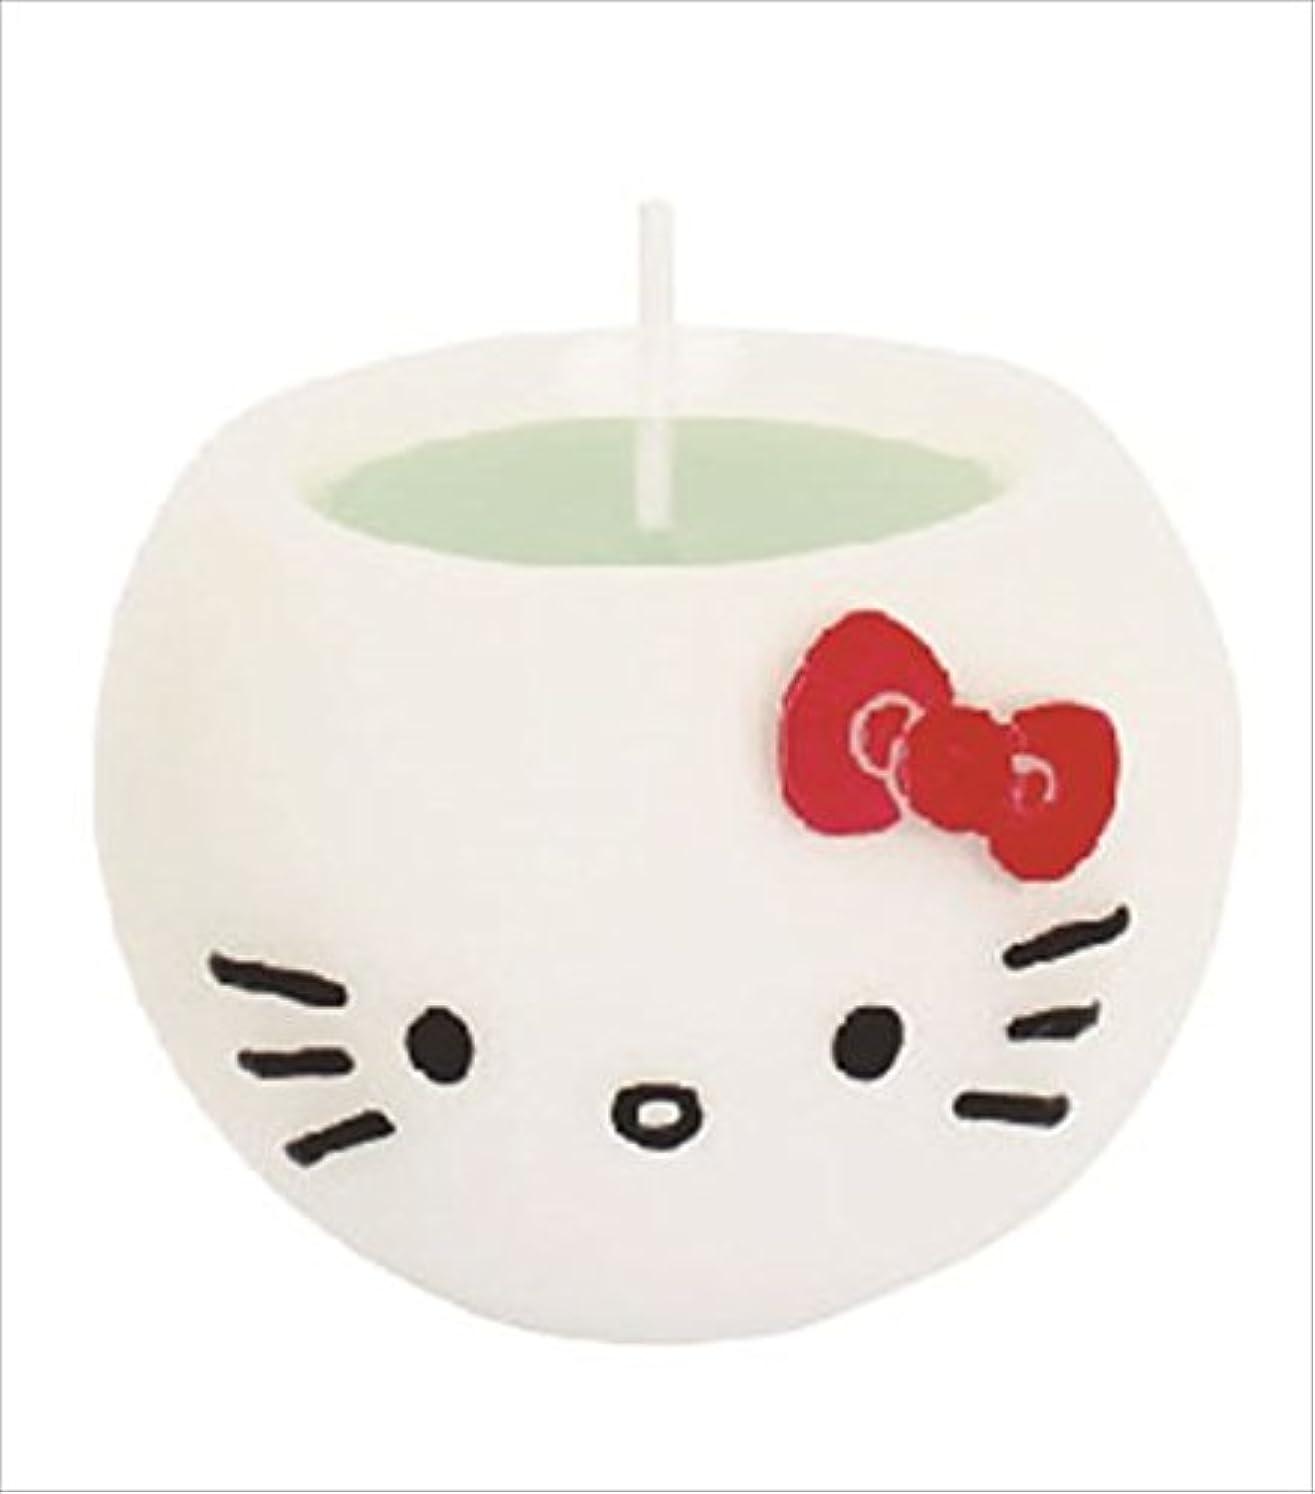 オデュッセウス秀でる人里離れたカメヤマキャンドル( kameyama candle ) ハローキティアロマキャンドル 「 アップル 」